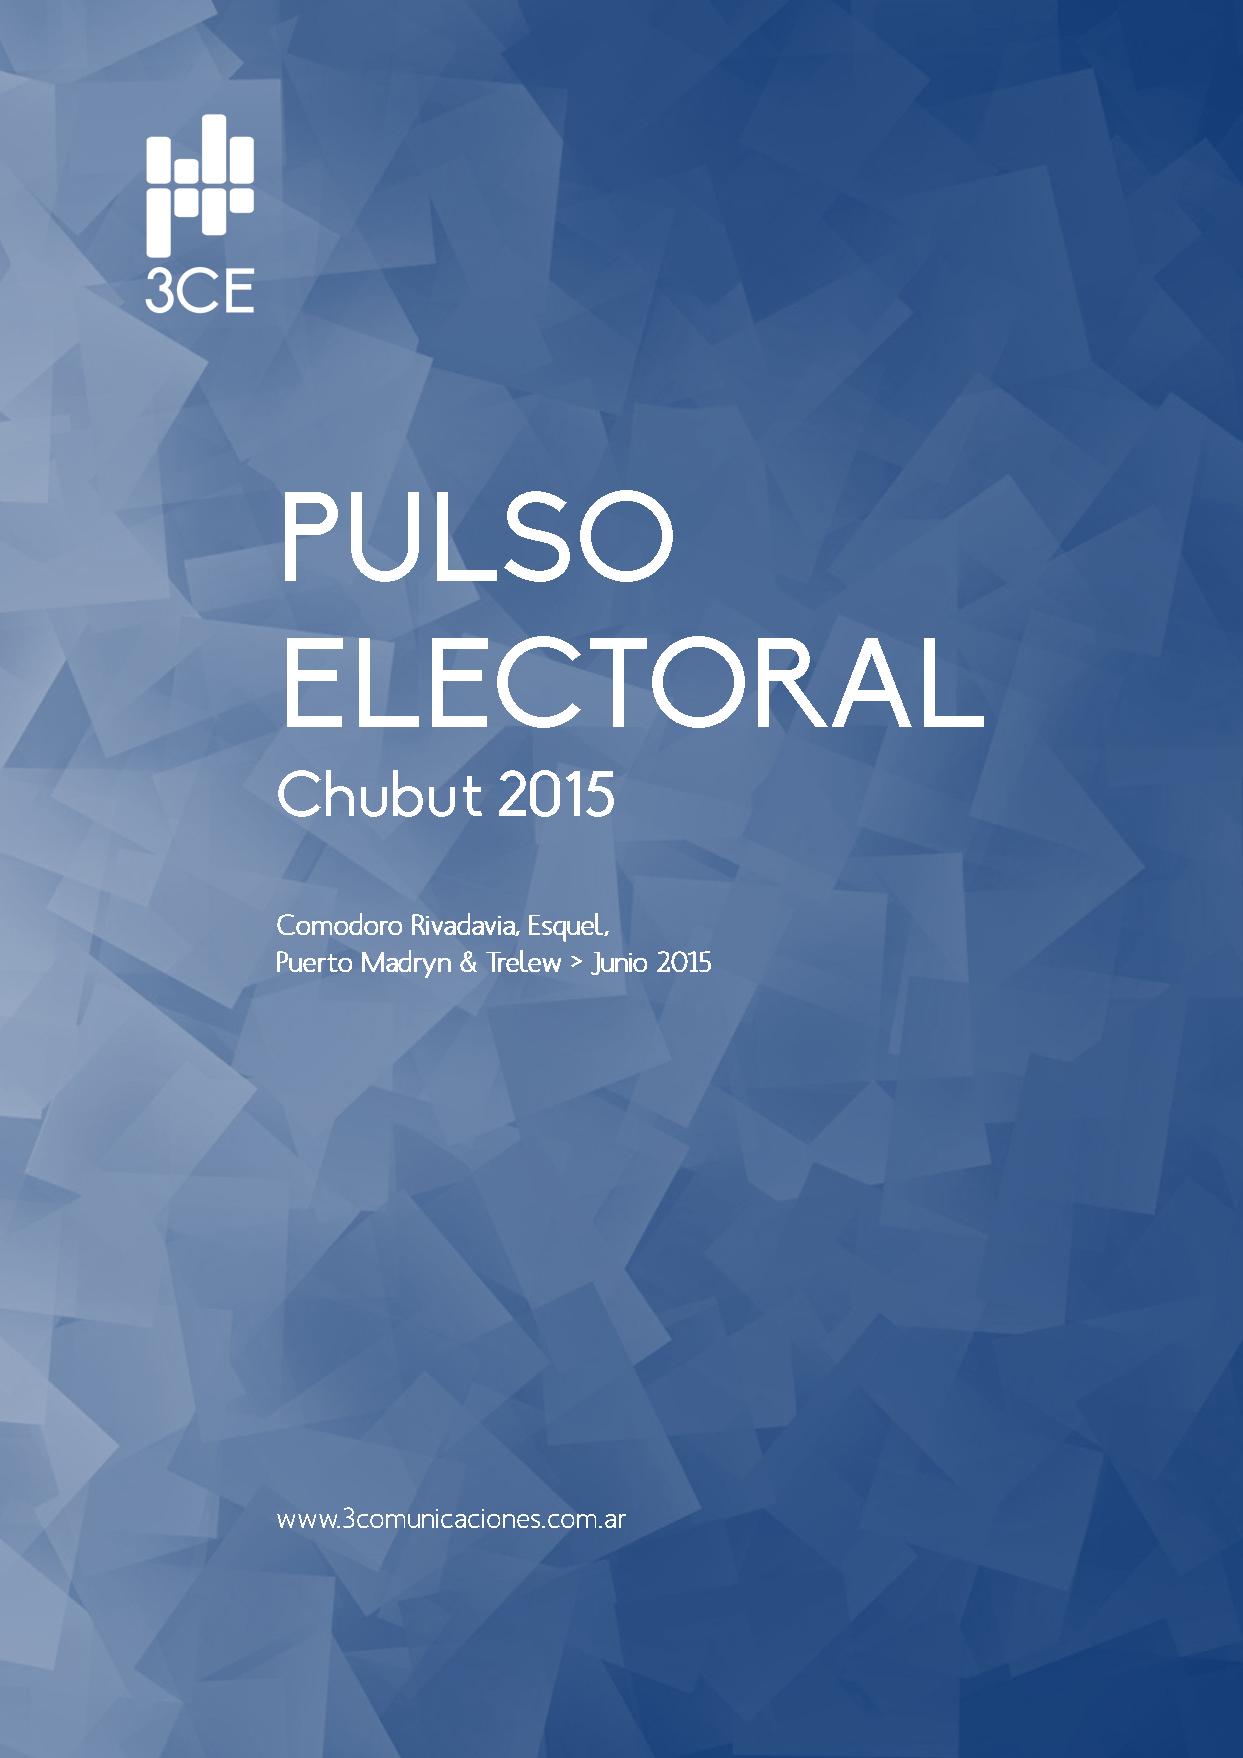 pulso_electoral_06_2015